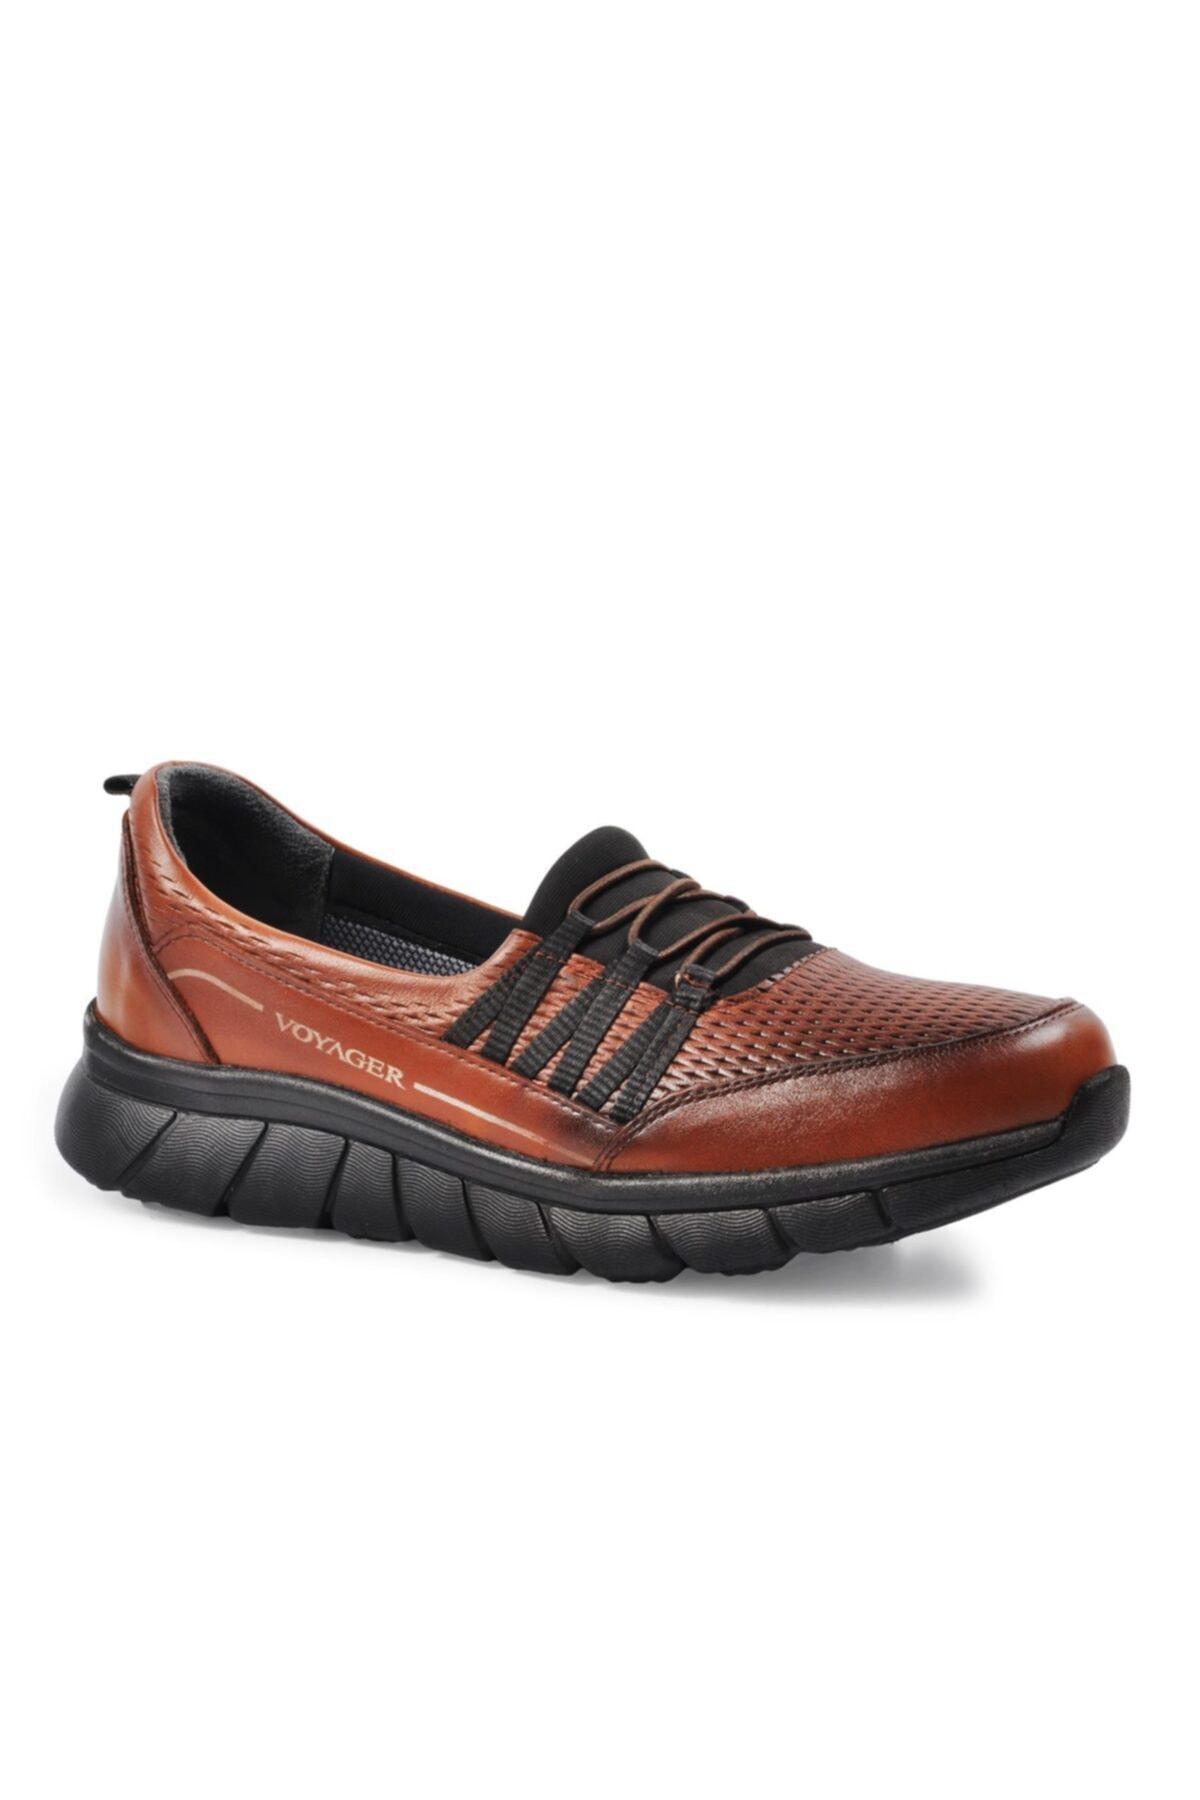 Voyager Kadın Taba Hakiki Deri Günlük Ayakkabı 8278